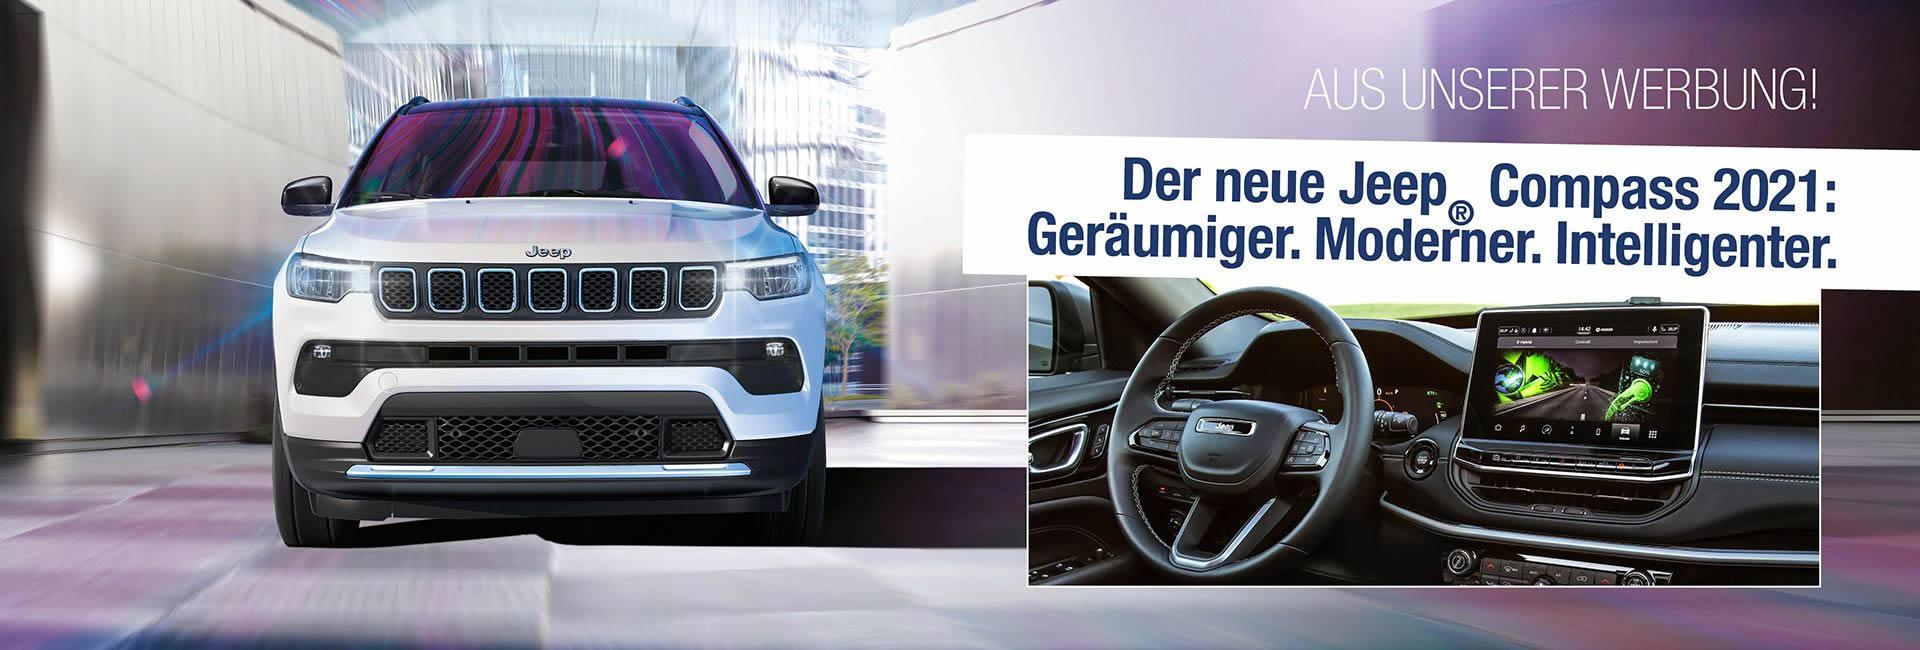 Jeep® New Compass 2021 im Autohaus Mayrhörmann GmbH in Augsburg - Diedorf